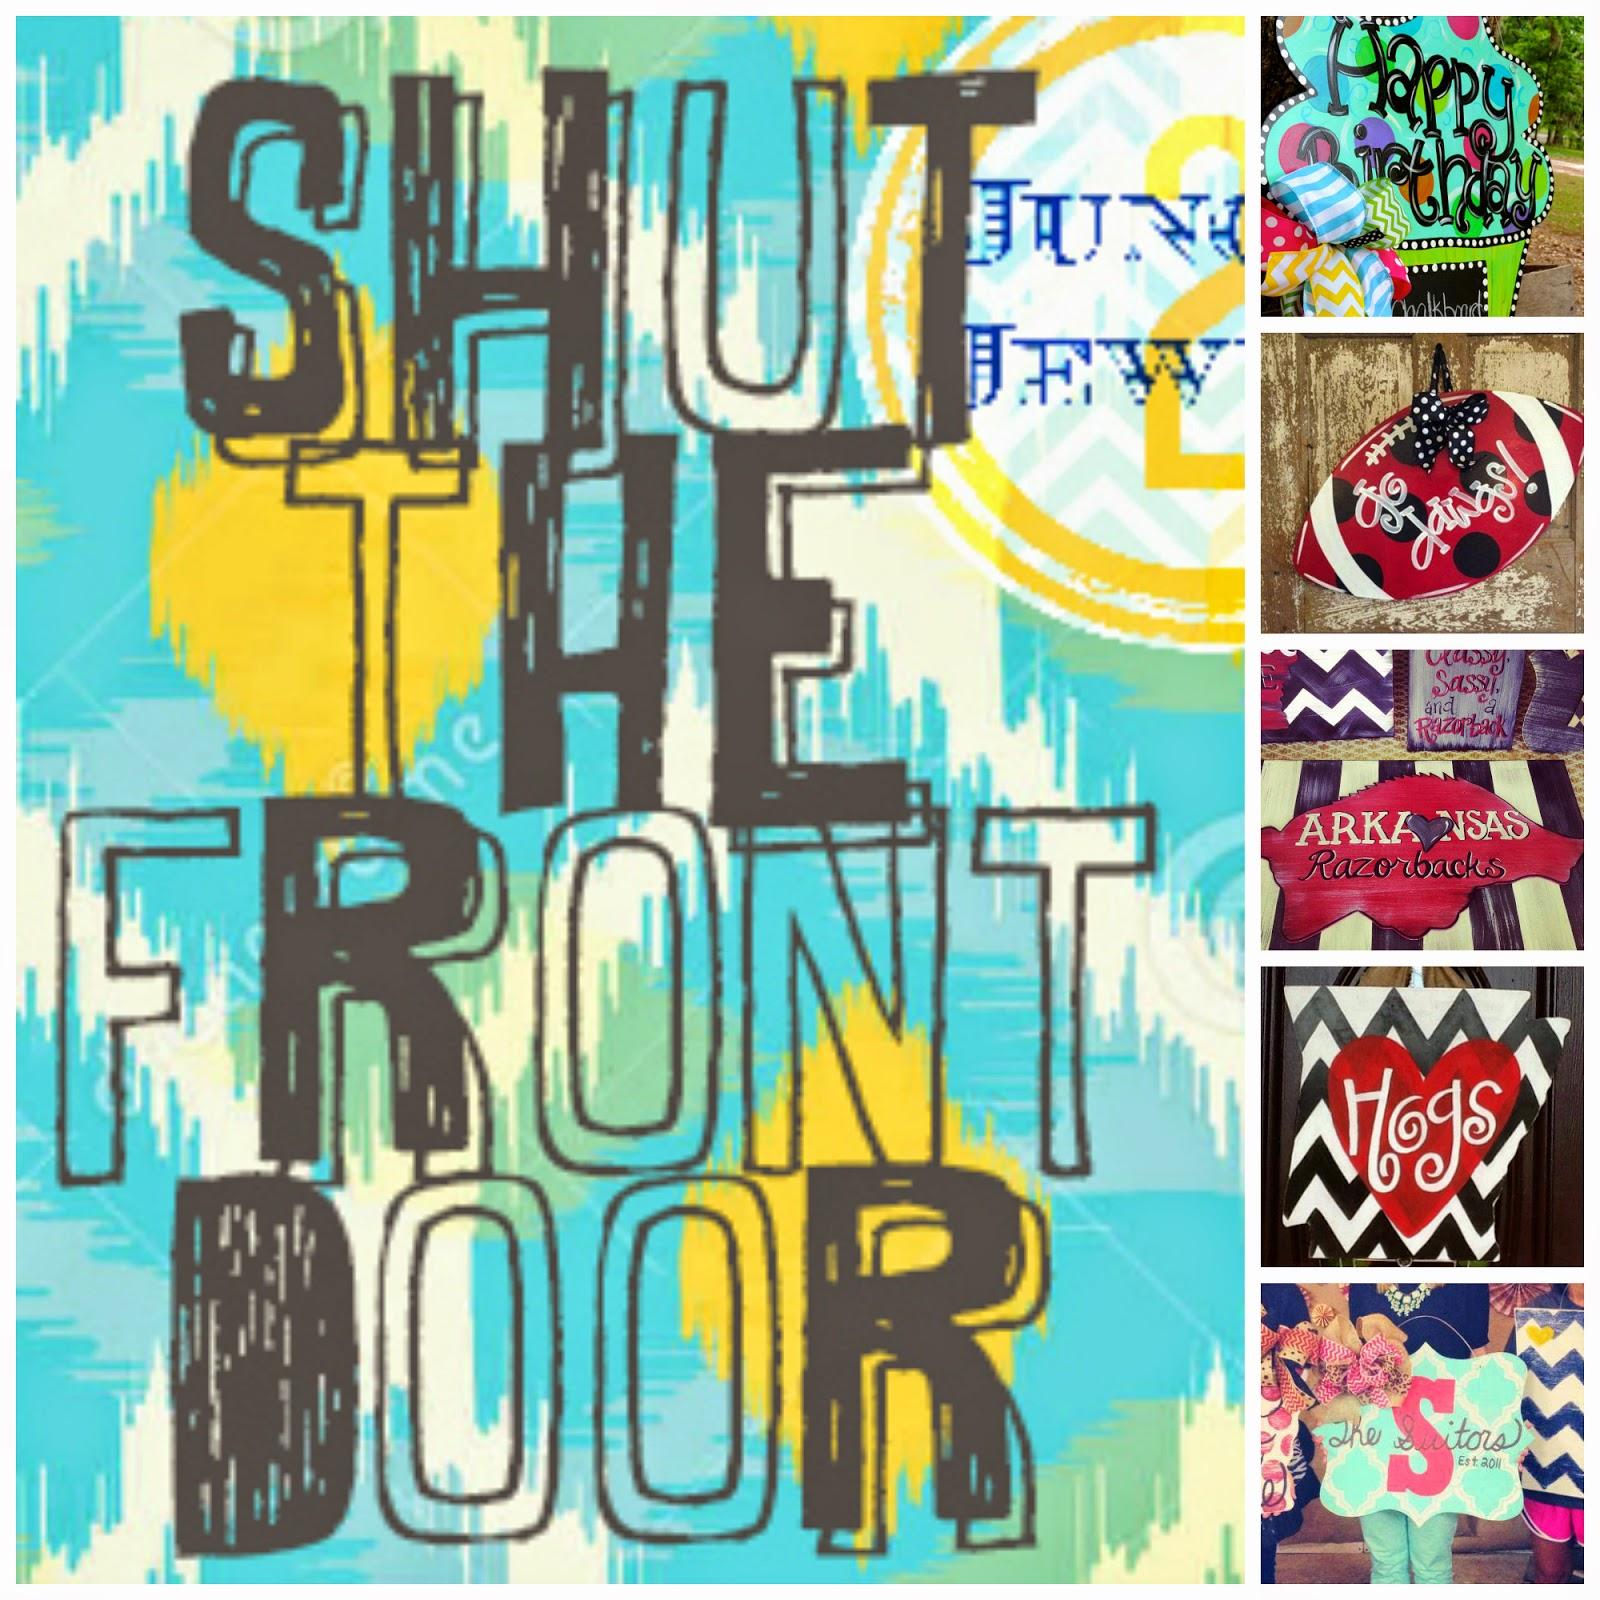 Junque 2 jewels shut the front door 8 26 for 1 2 shut the door